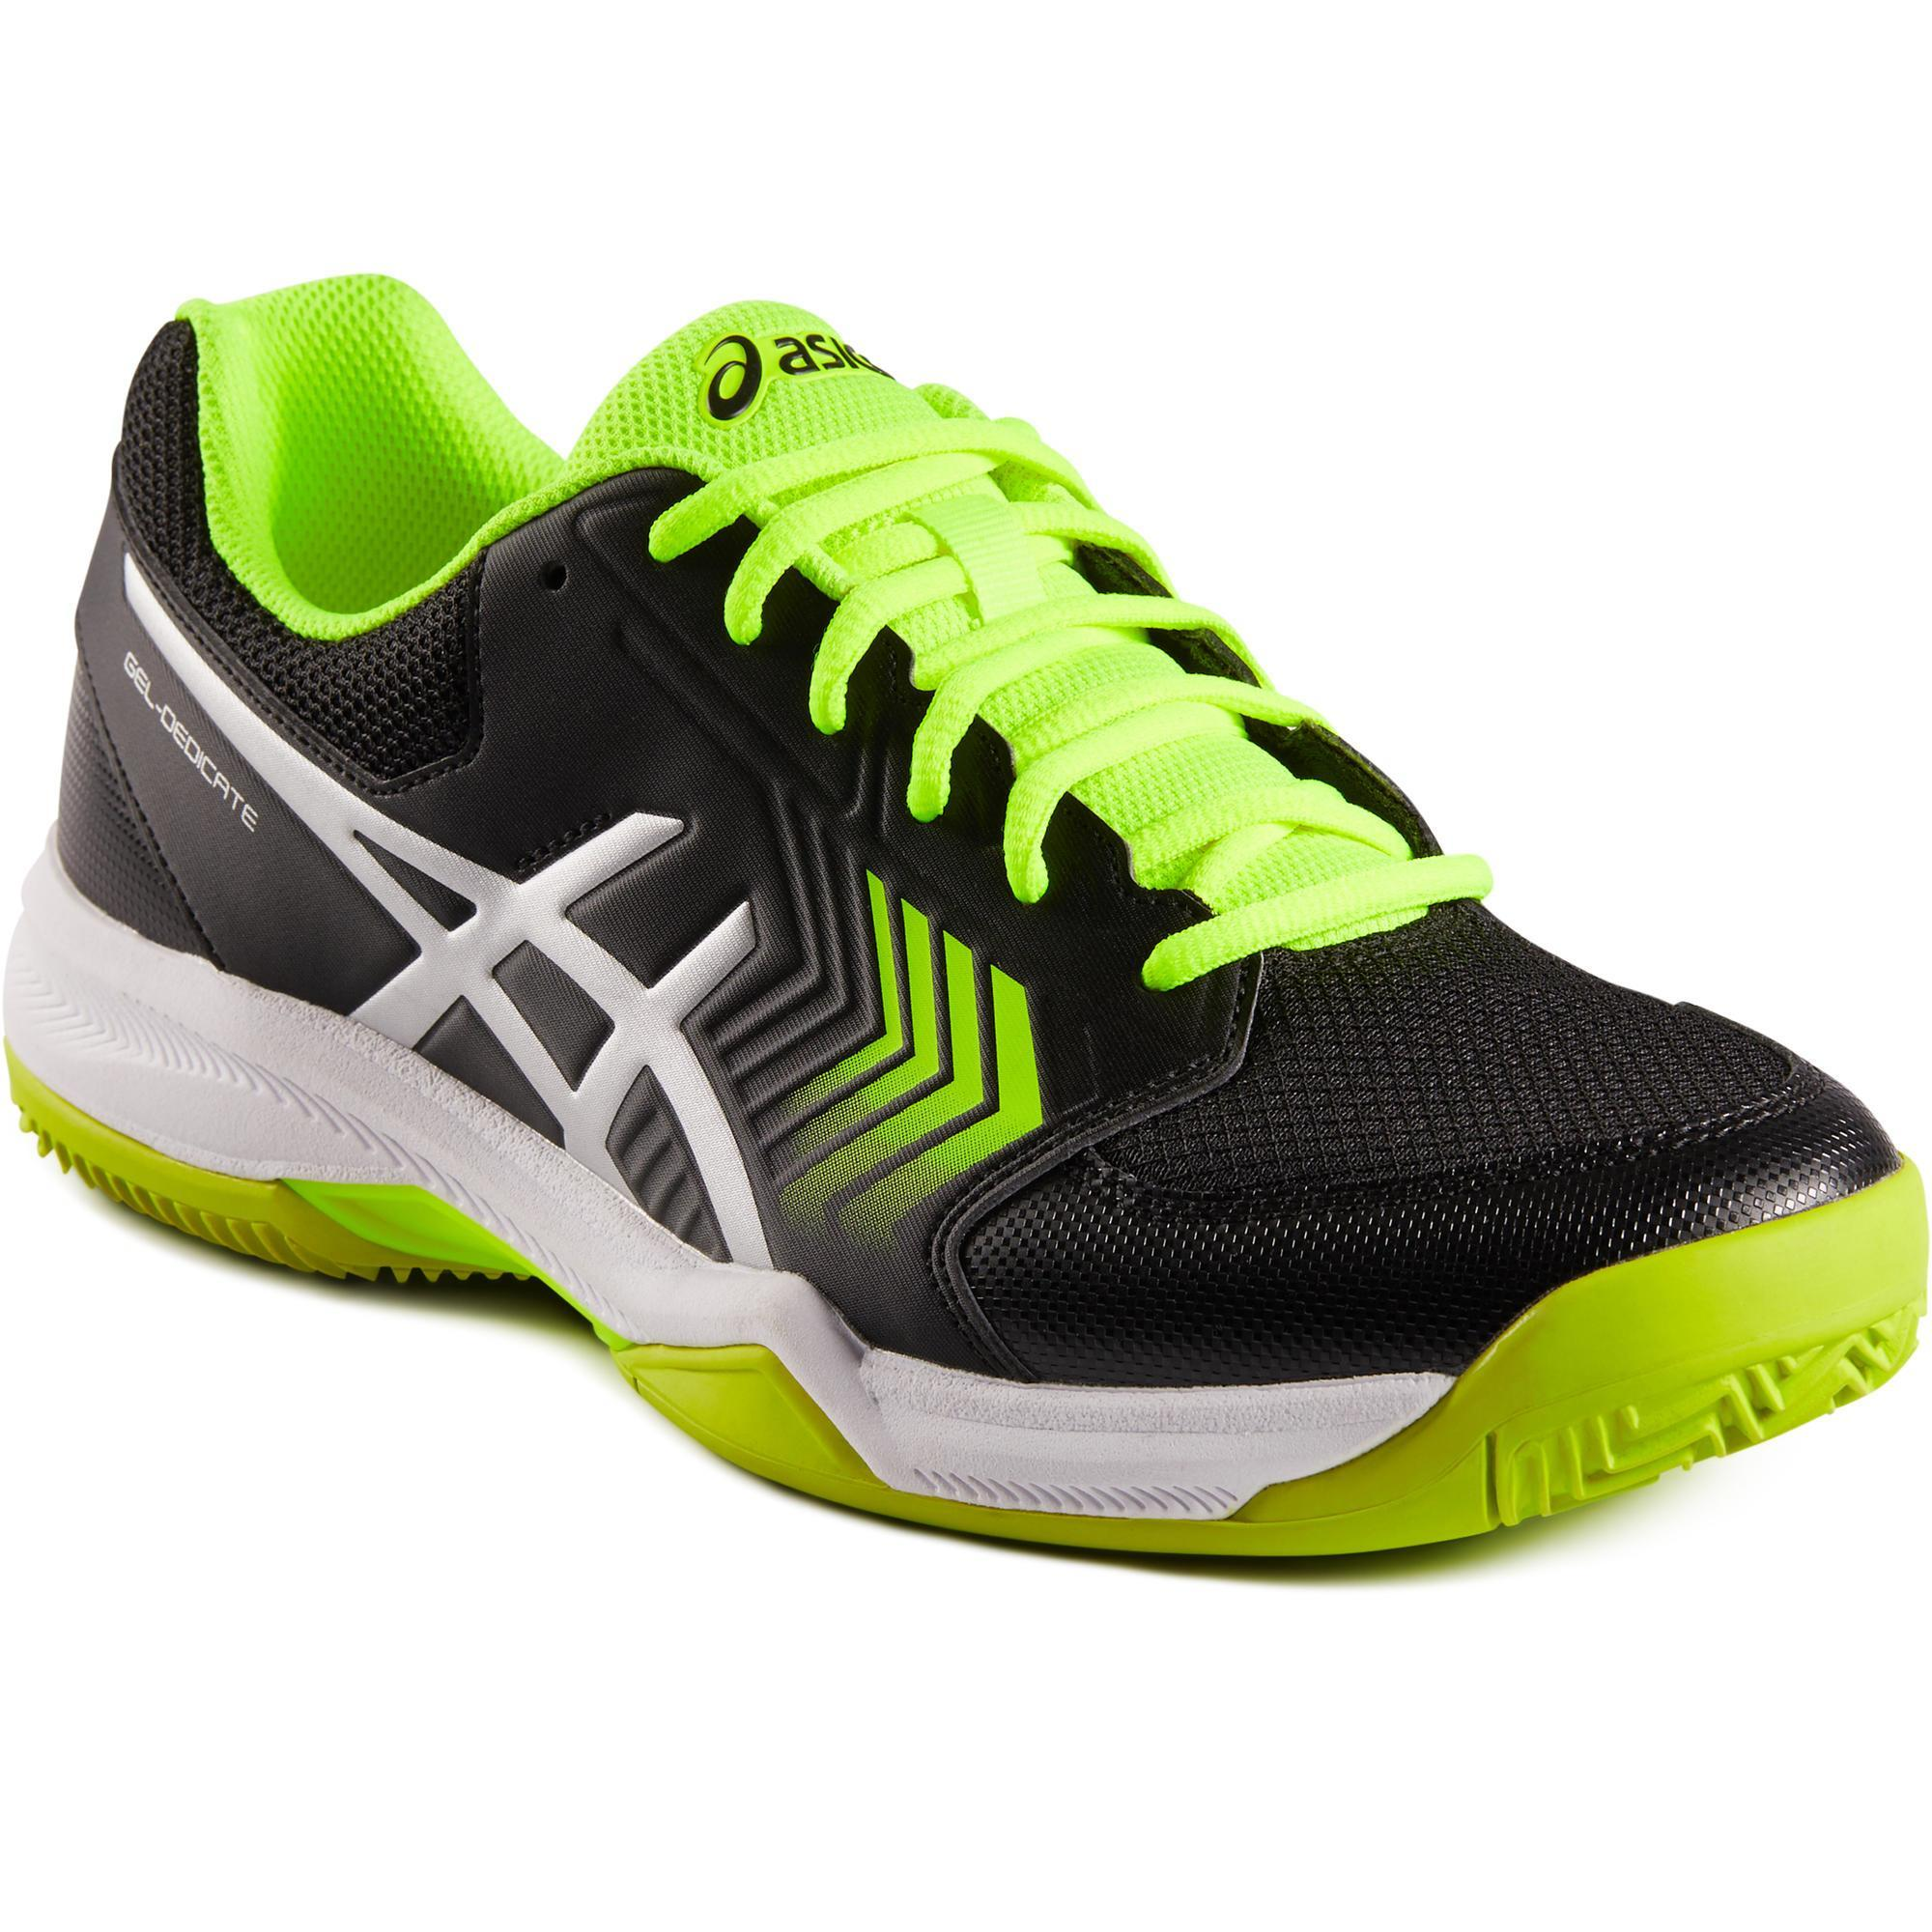 Asics Tennisschoenen Gel Dedicate zwart